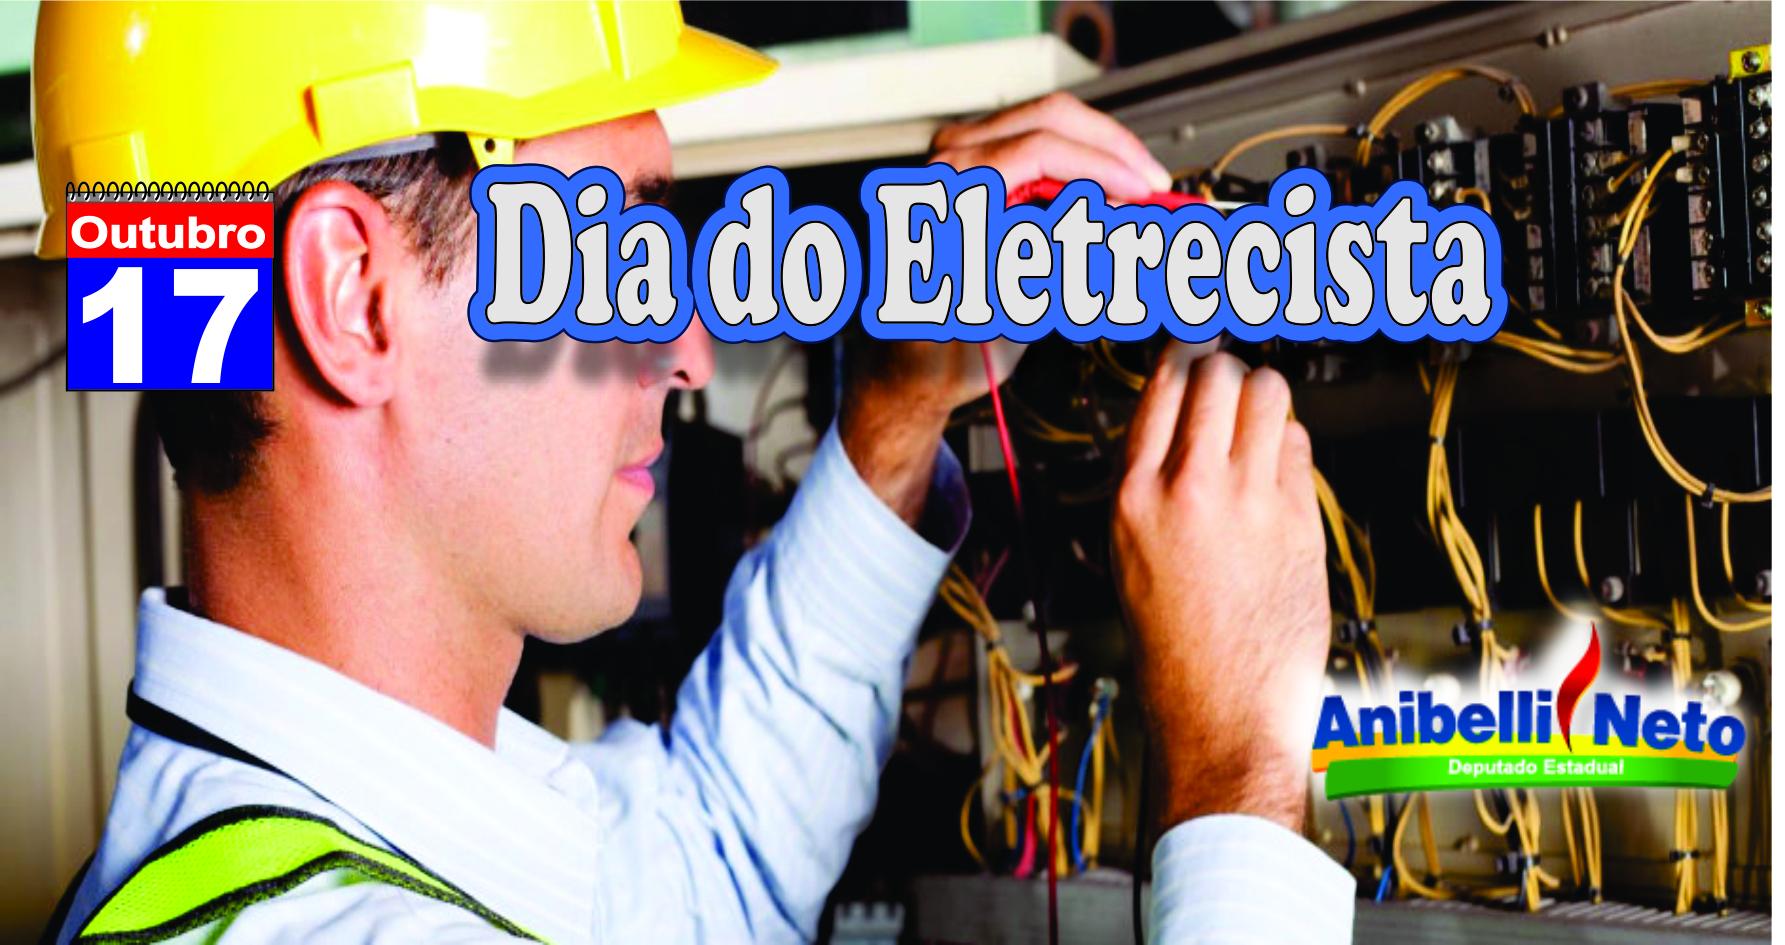 Dia do Eletricista.